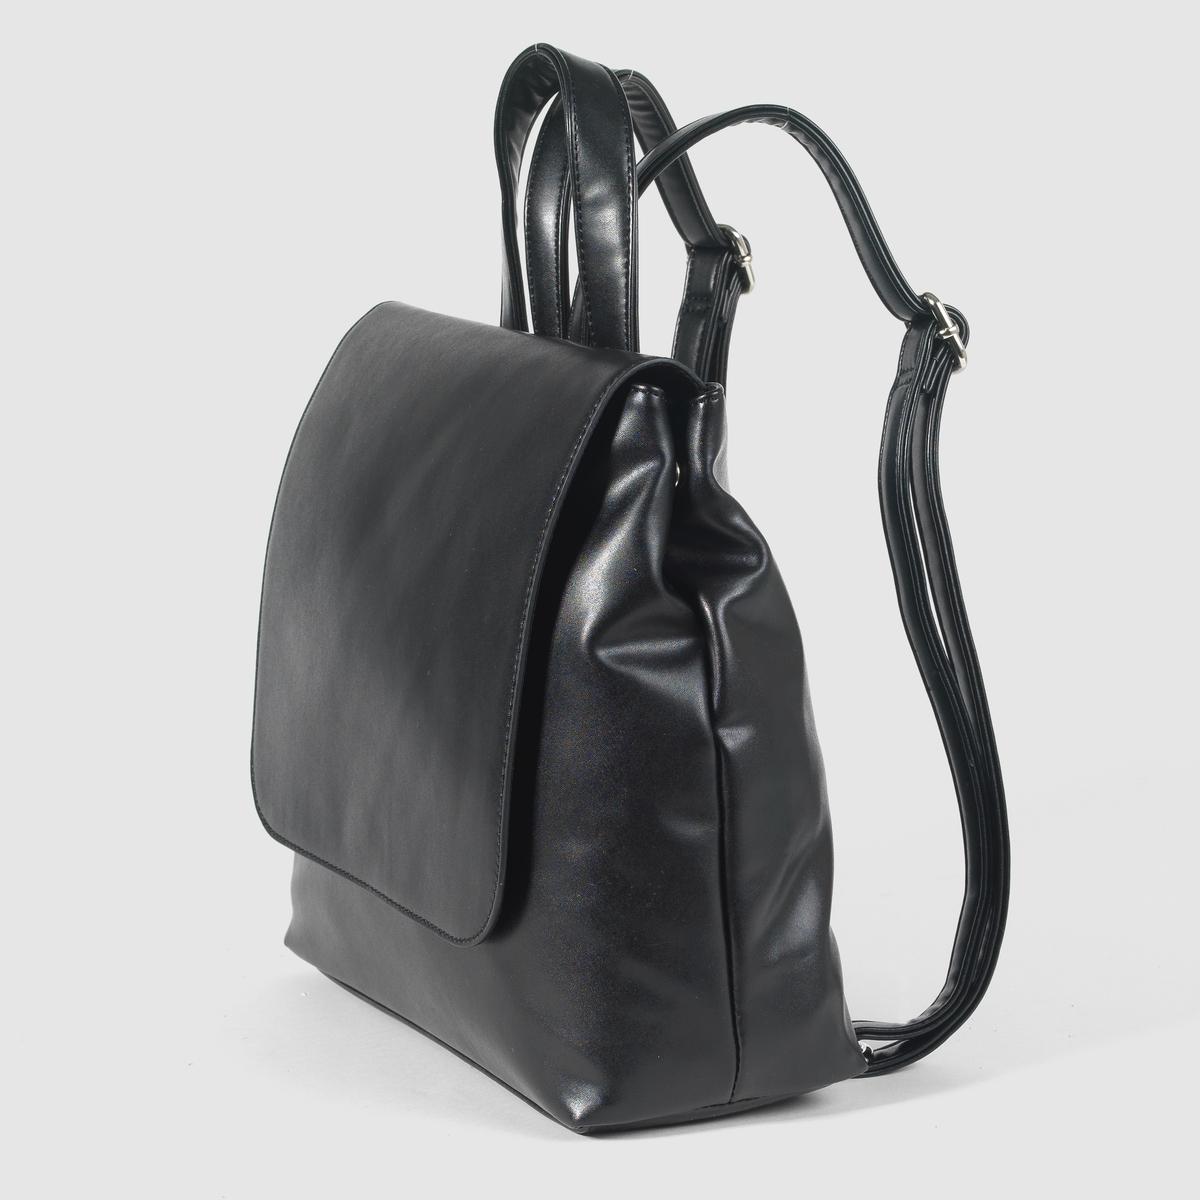 РюкзакПреимущества : очень практичный и красивый рюкзак на пике модных тенденций. Незаменим для  жизни в городе!<br><br>Цвет: черный